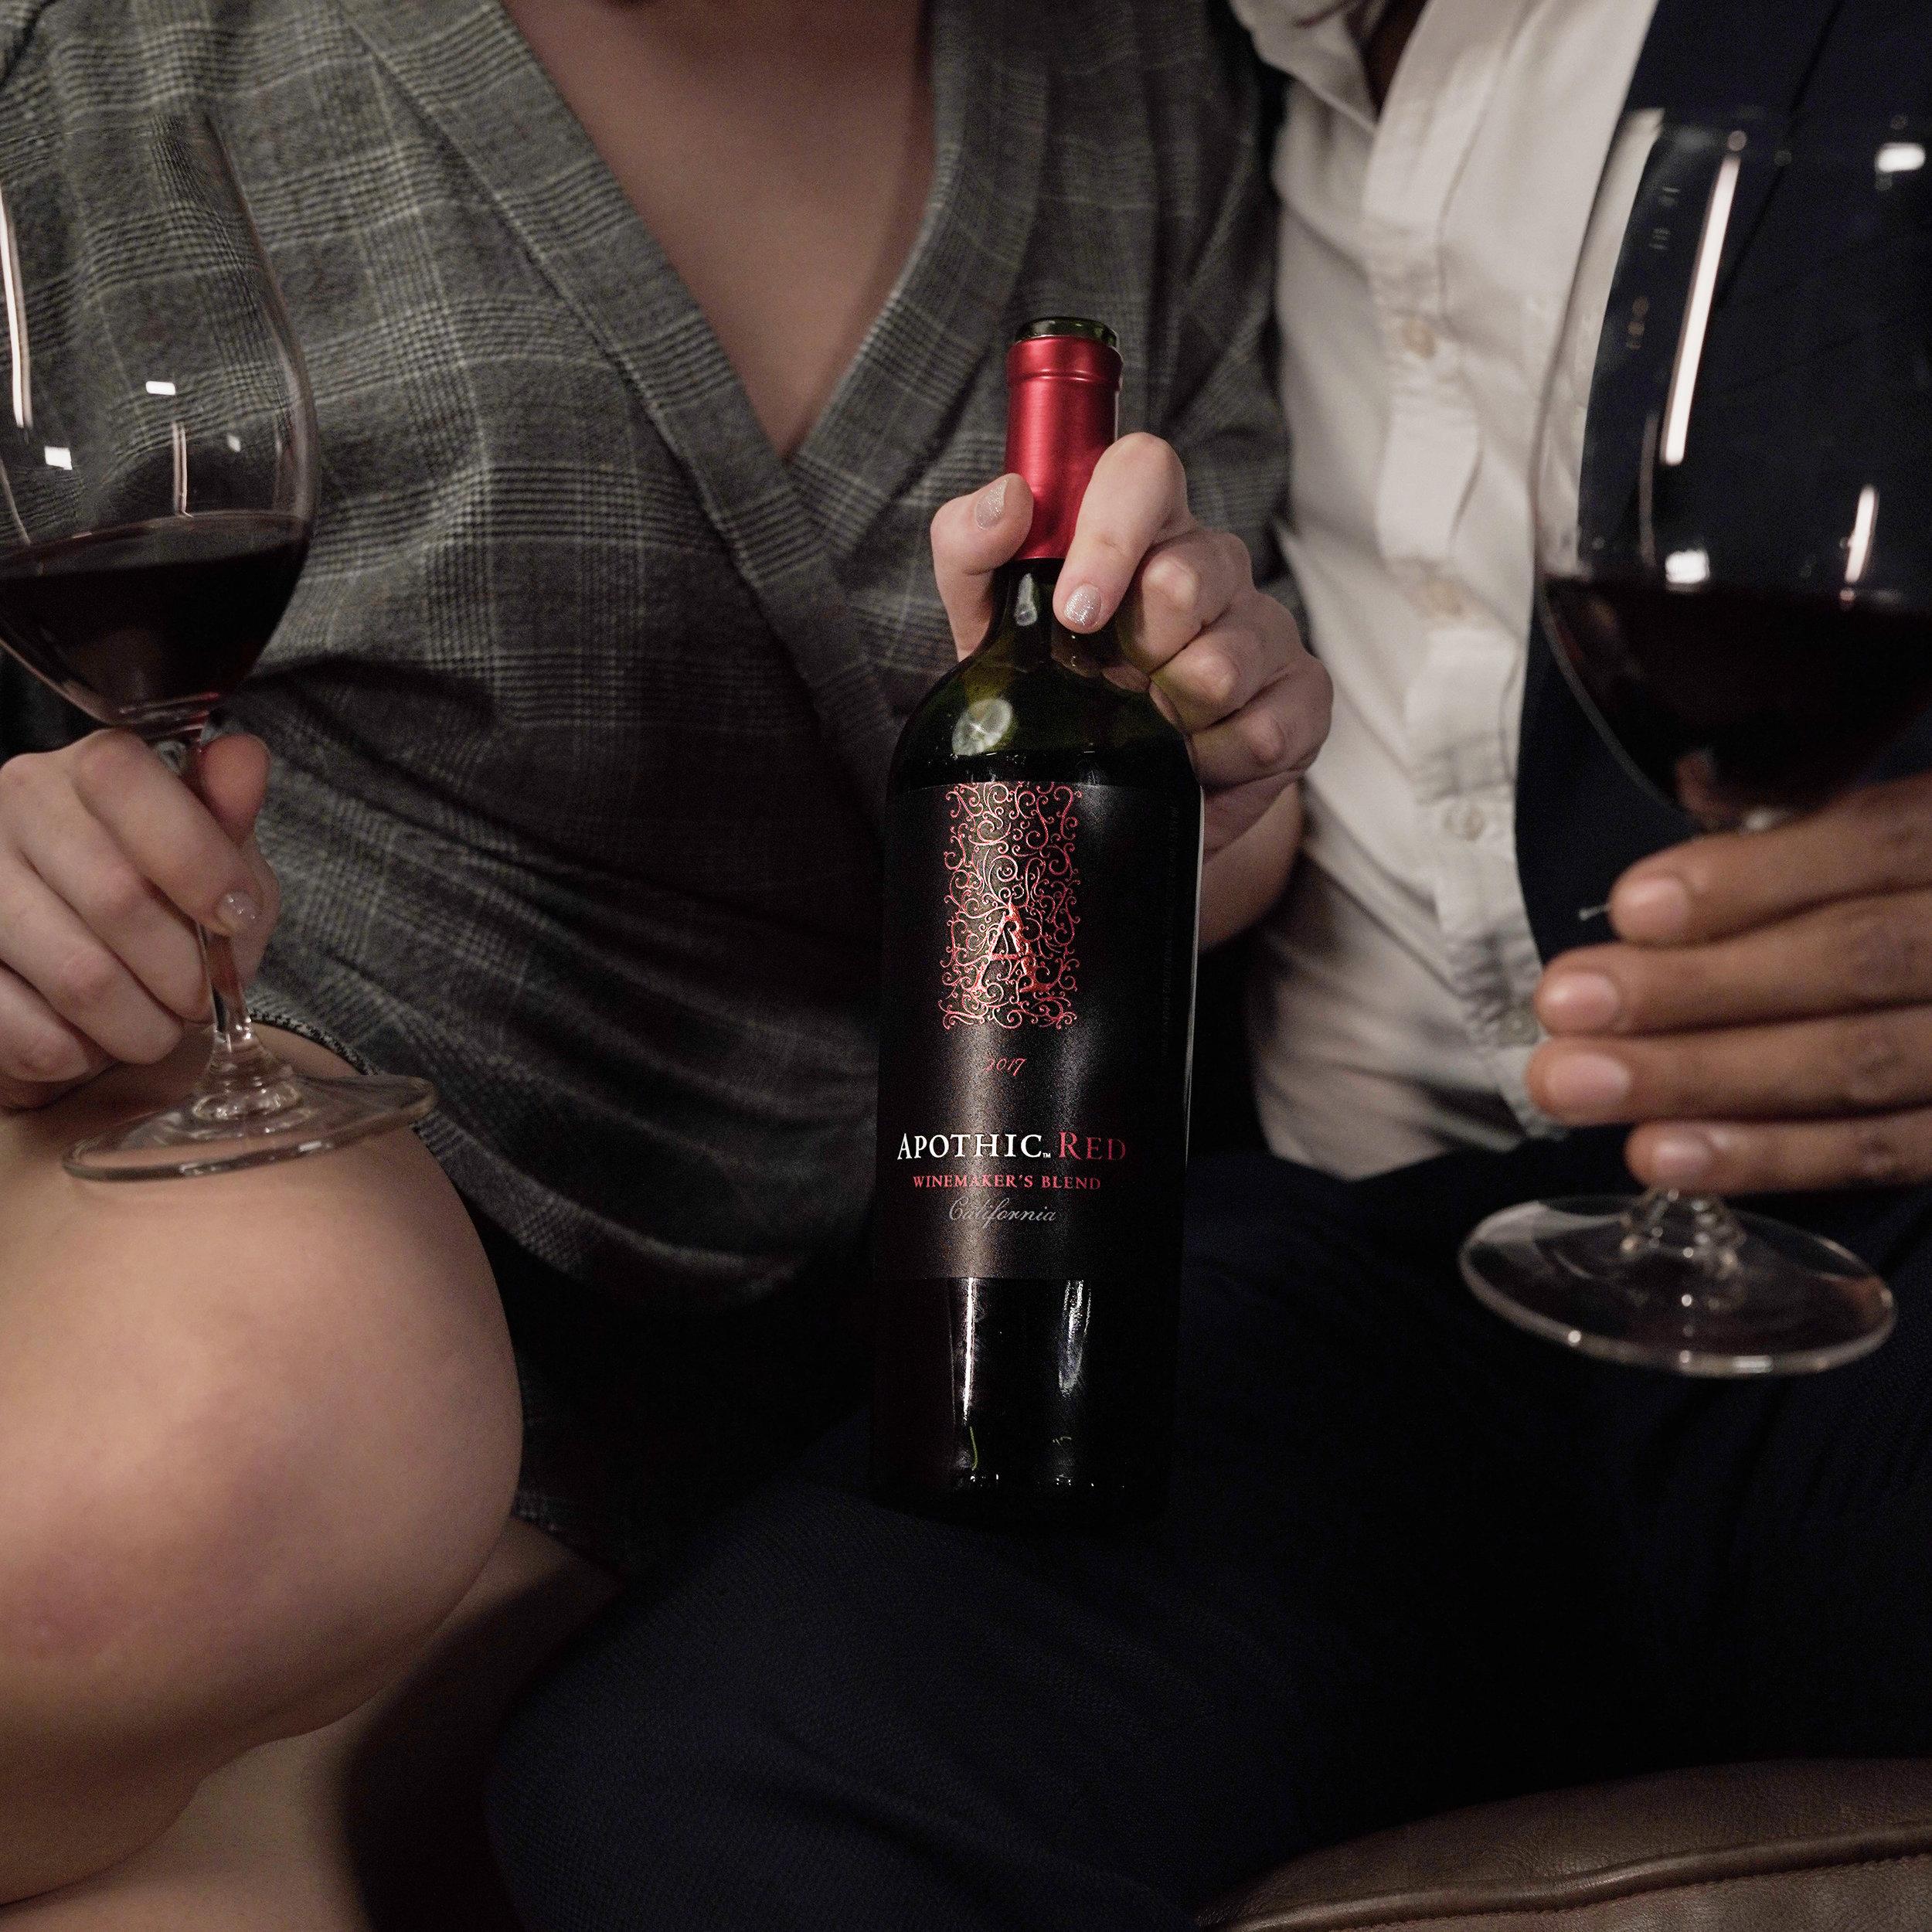 Apothic Wine -